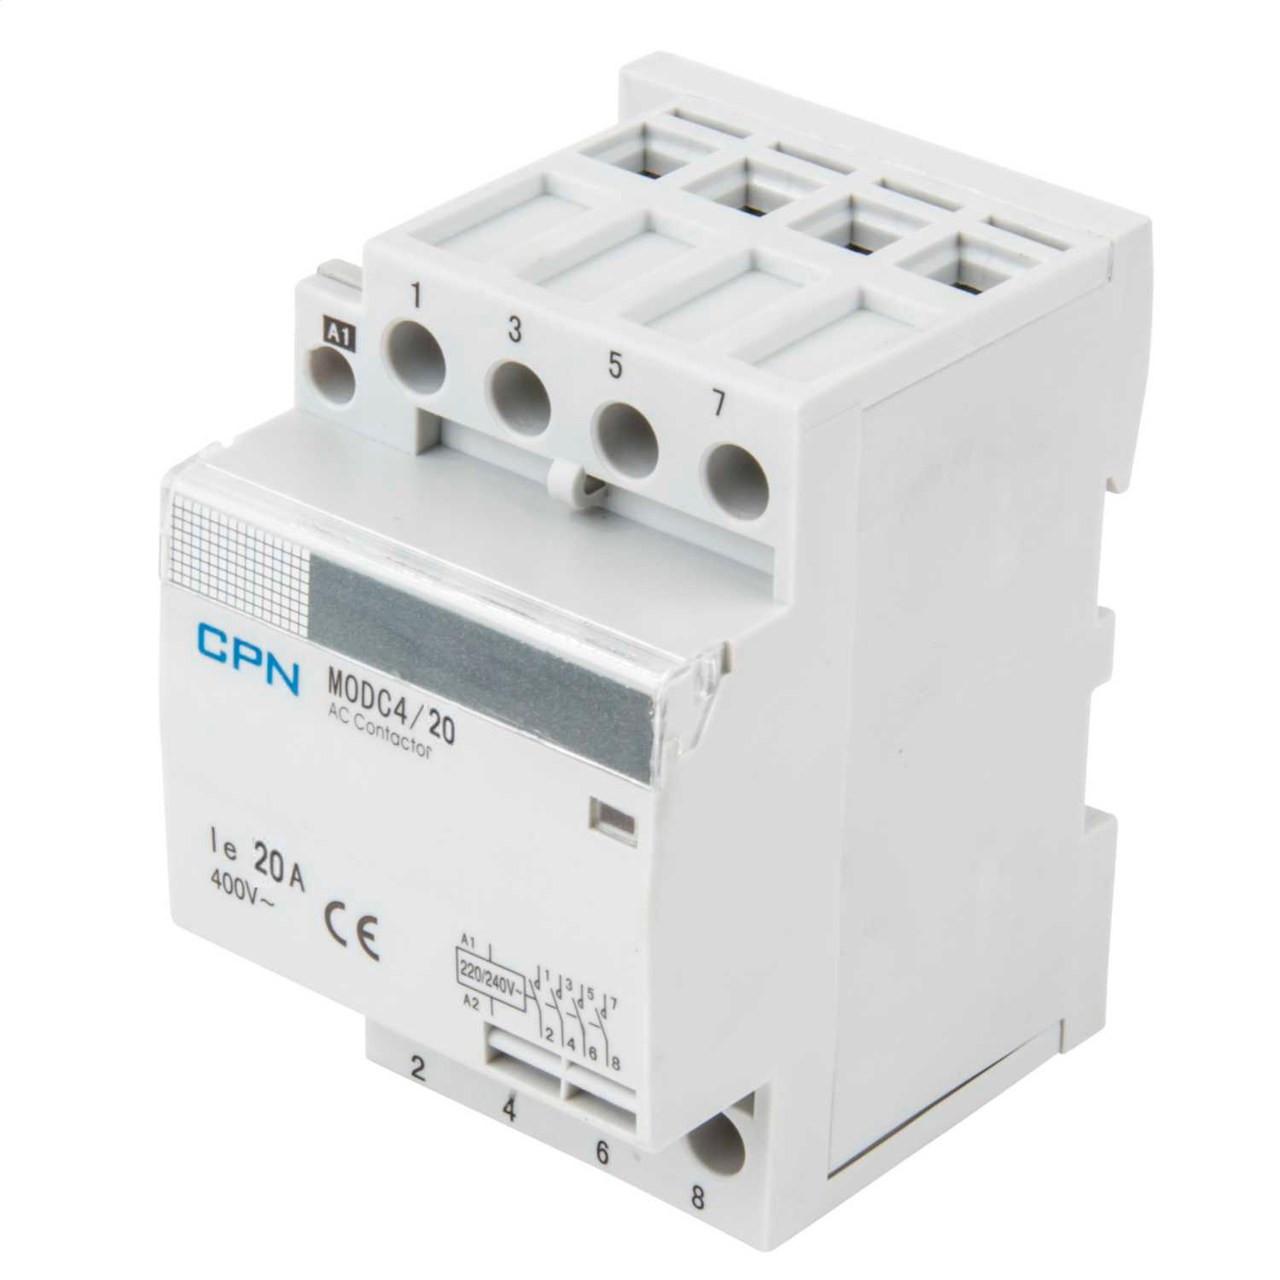 4P 20A 3 Modular Contactor (DFL3MODC420)